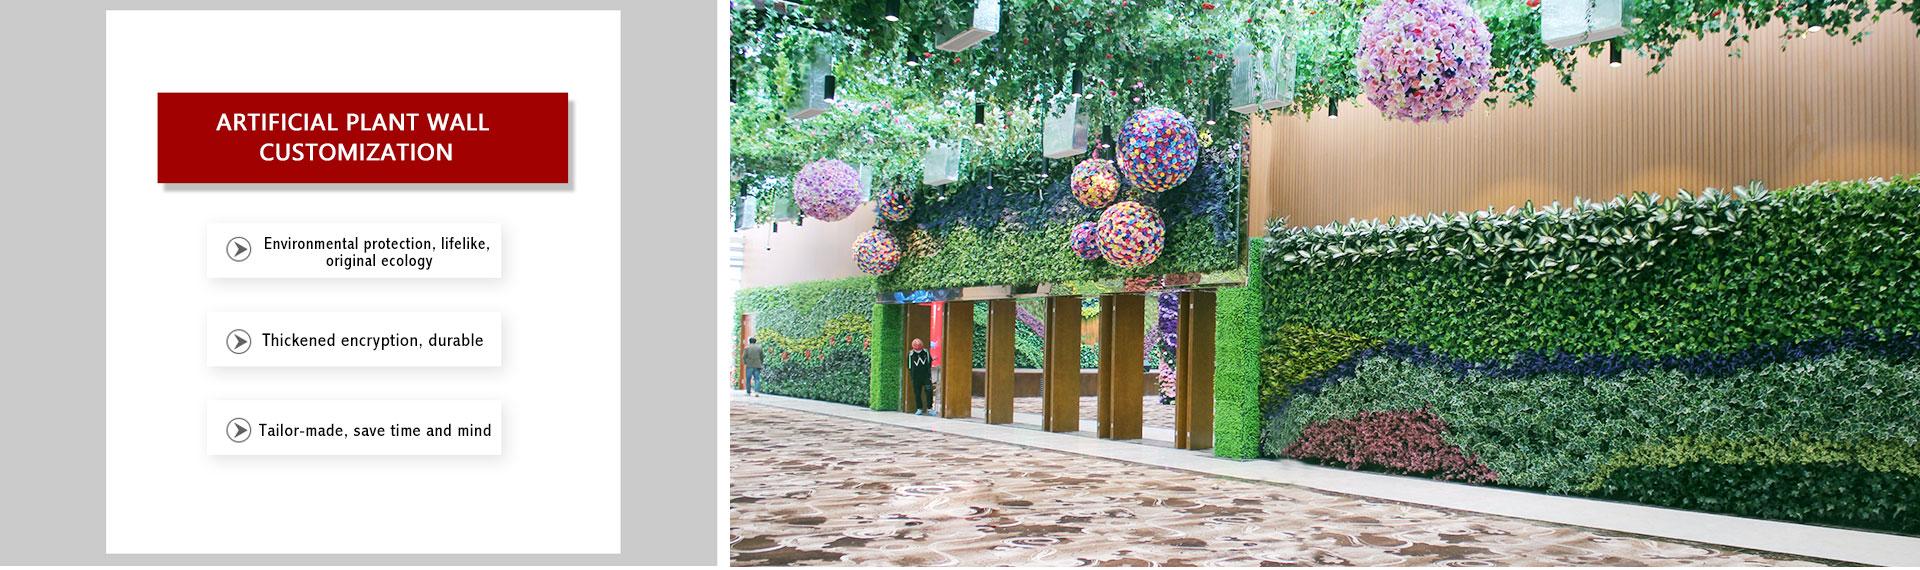 artificial green bamboo fence for decoration buy cheap.htm guangzhou shengjie artificial plants ltd artificial trees  guangzhou shengjie artificial plants